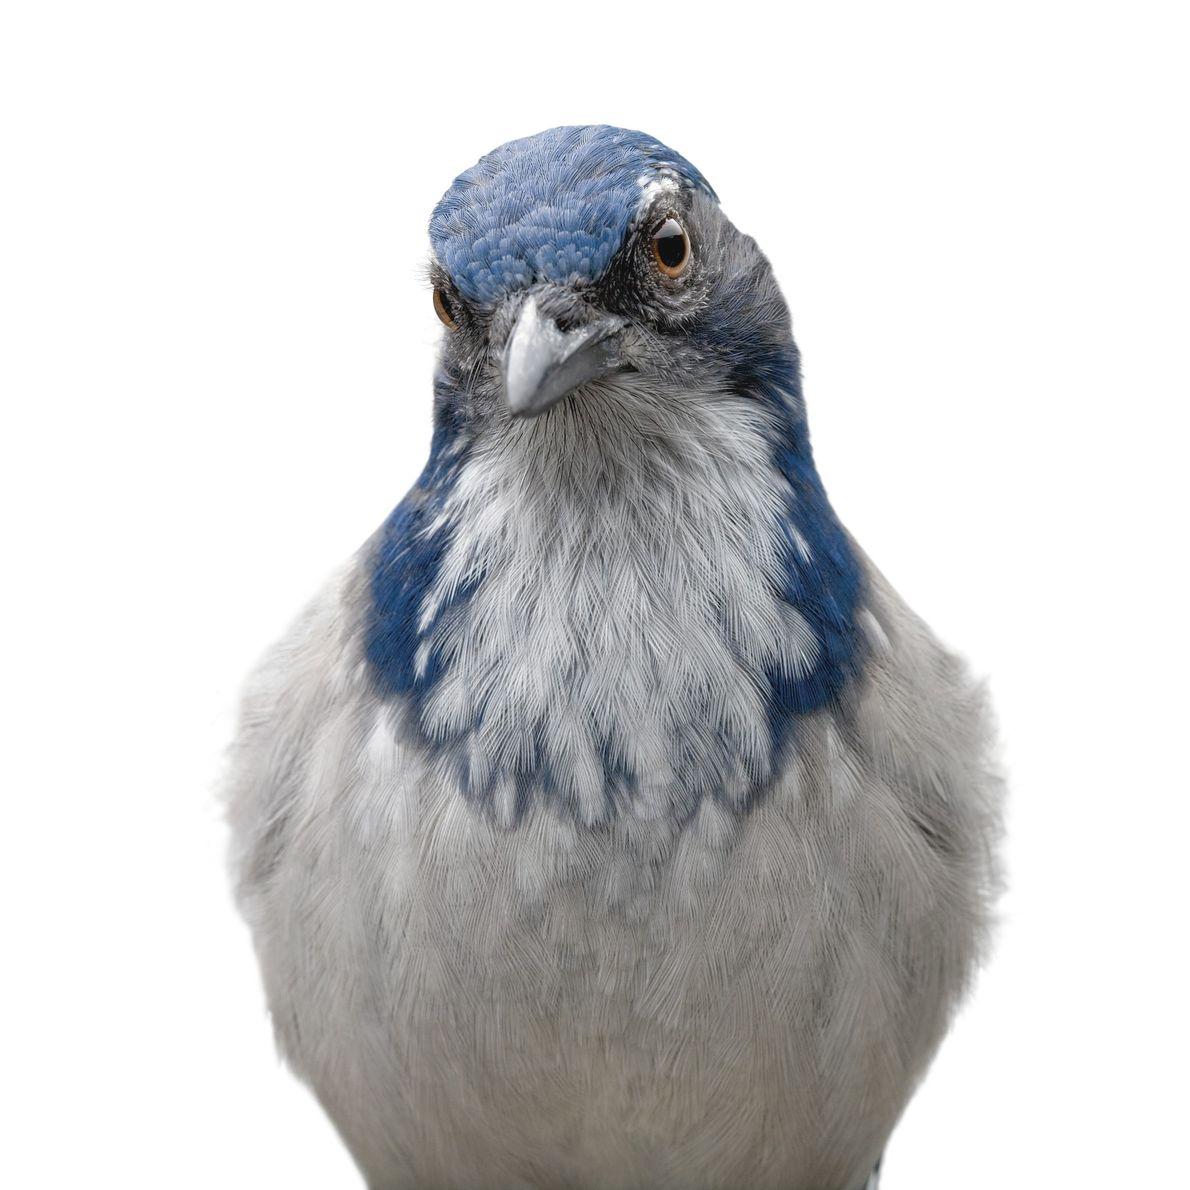 La chara californiana, un ave originaria del oeste de Norteamérica, puede recordar más de 200 lugares ...